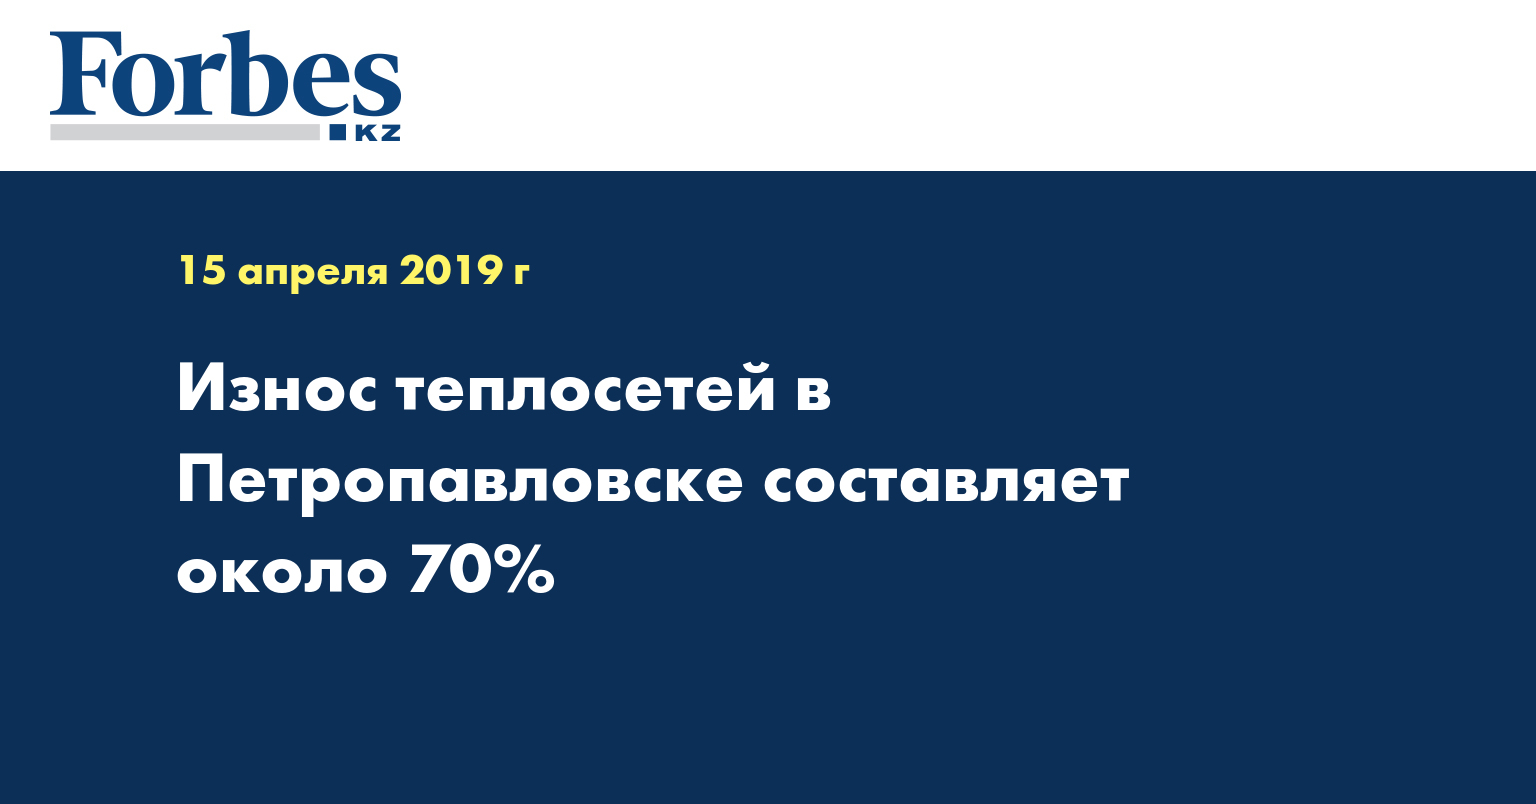 Износ теплосетей в Петропавловске составляет около 70%